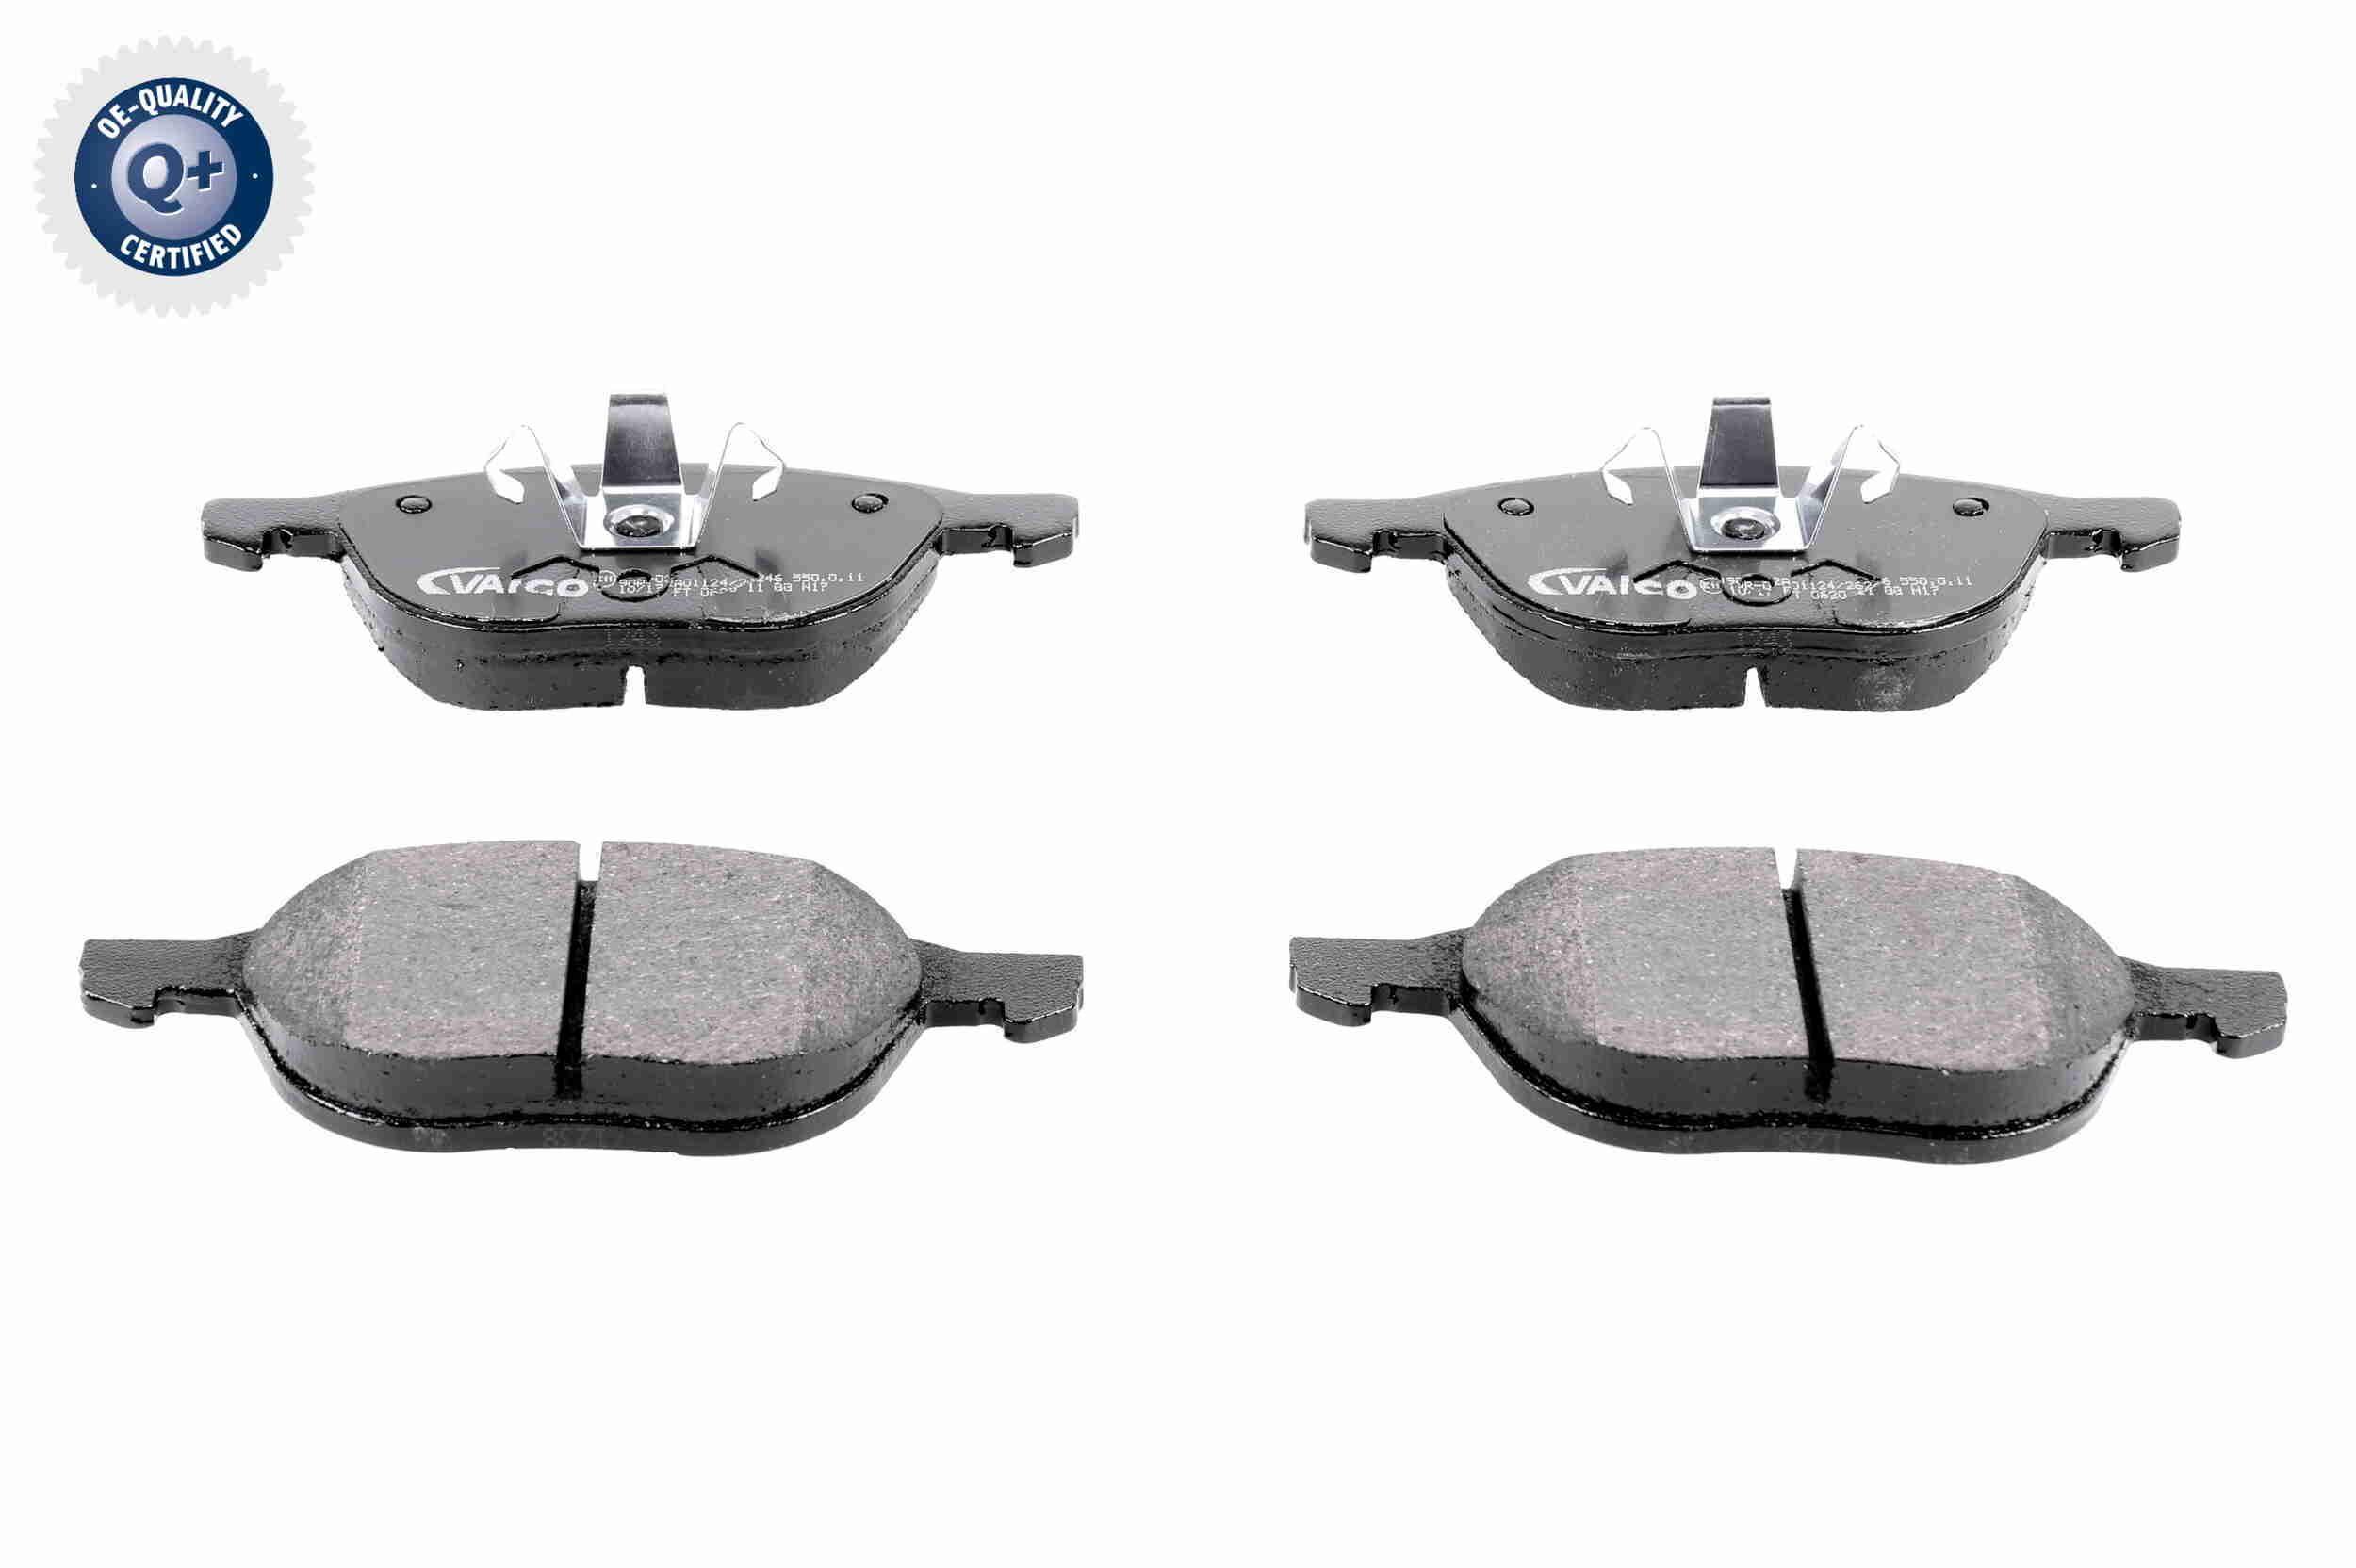 VAICO  V25-8112 Bremsbelagsatz, Scheibenbremse Breite 1: 155,1mm, Breite 2: 156,3mm, Höhe 1: 62,4mm, Höhe 2: 67mm, Dicke/Stärke: 18,1mm